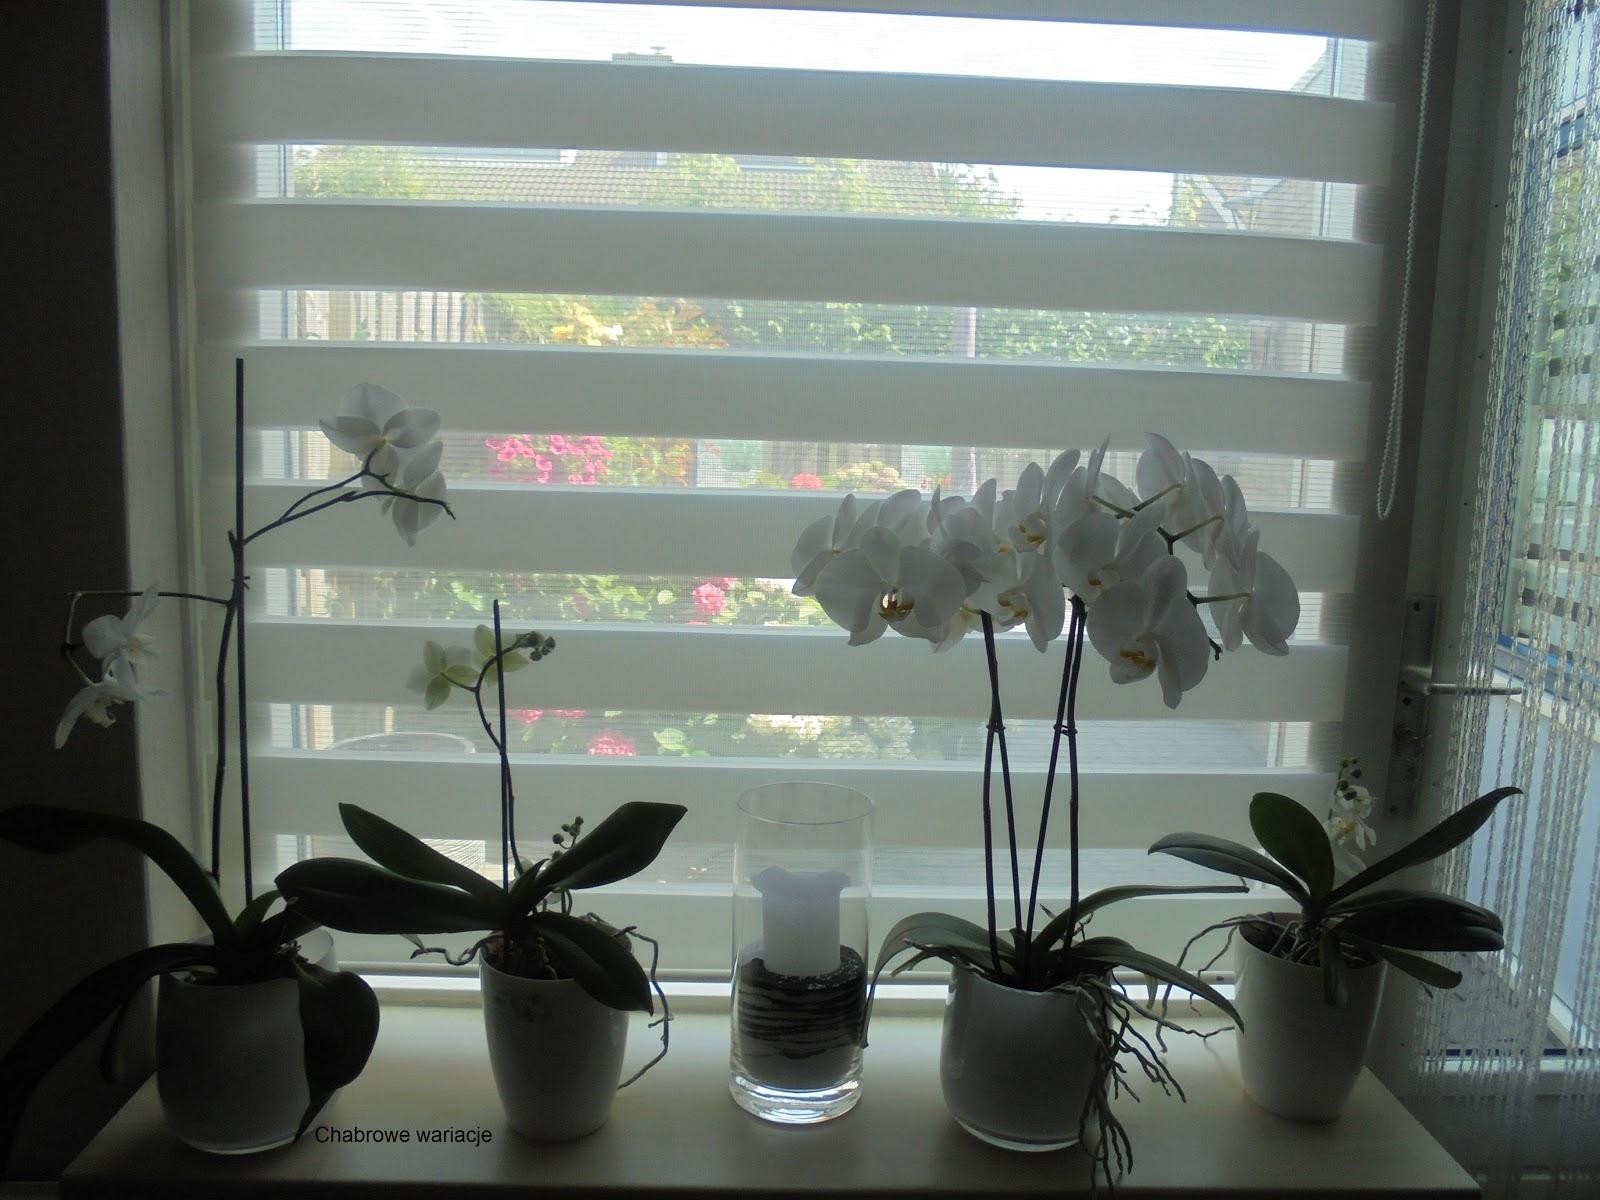 Te rośliny warto mieć w domu! Pozytywne skutki roślin doniczkowych dla zdrowia.